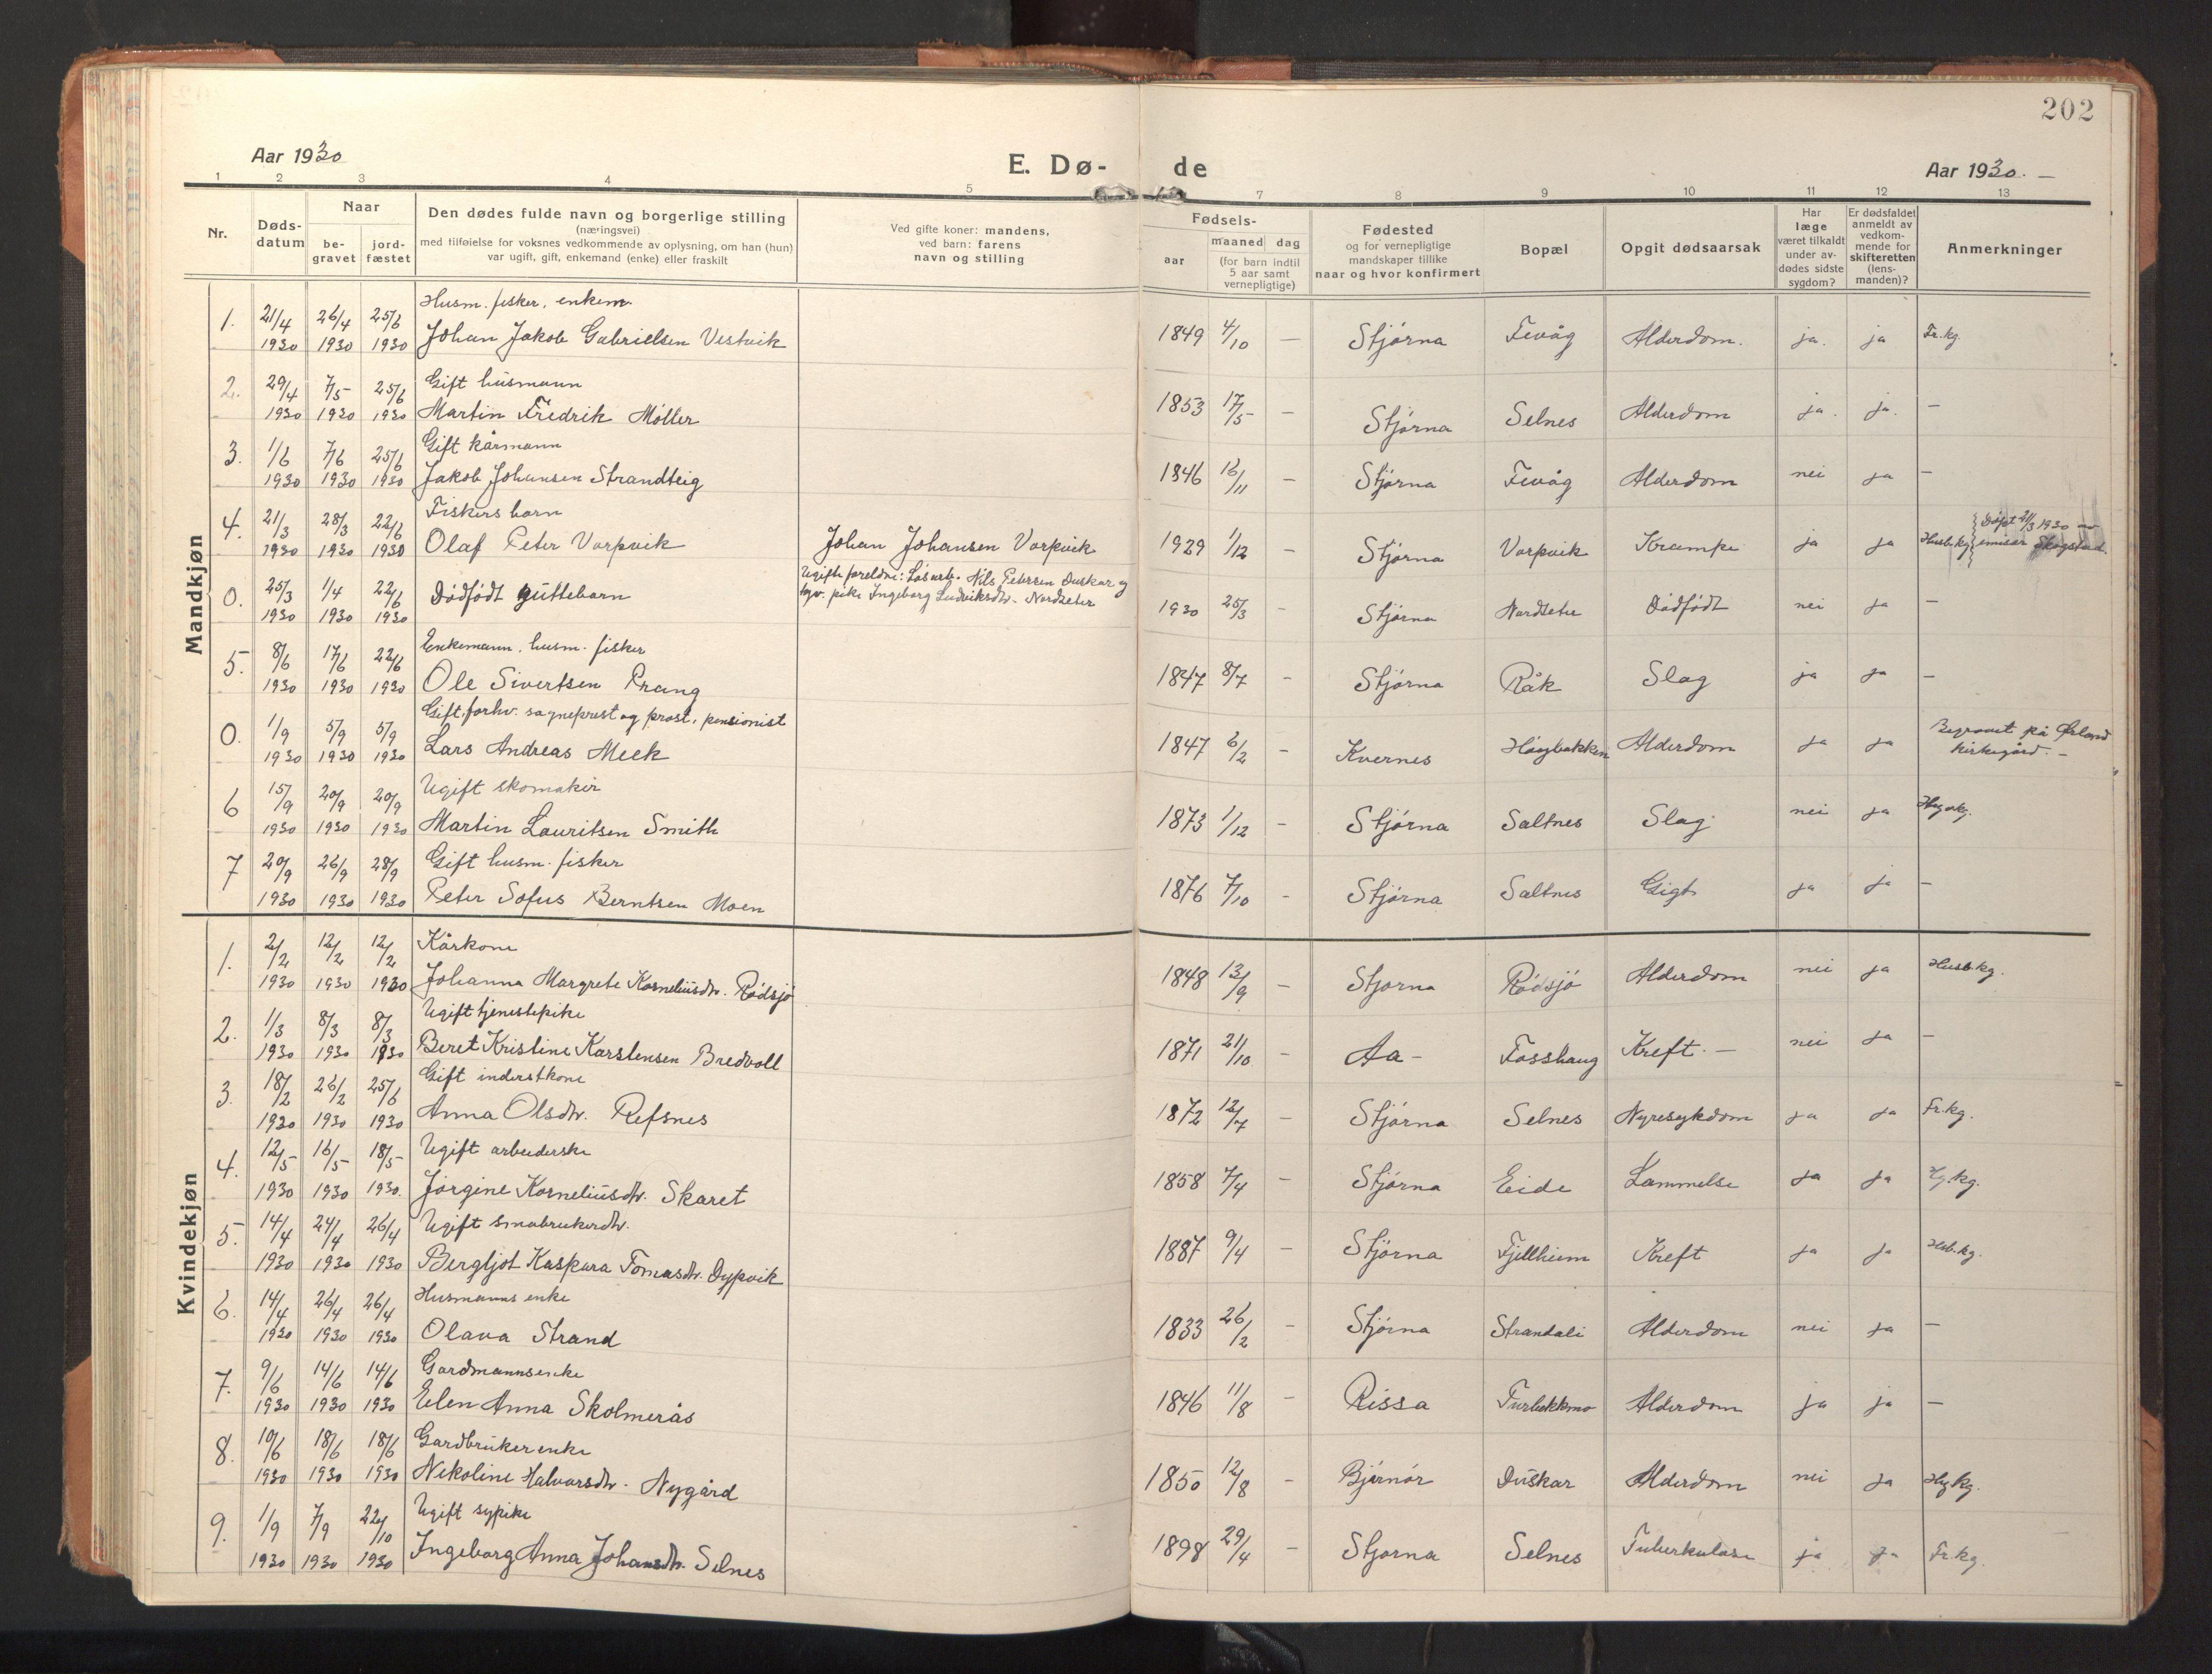 SAT, Ministerialprotokoller, klokkerbøker og fødselsregistre - Sør-Trøndelag, 653/L0658: Klokkerbok nr. 653C02, 1919-1947, s. 202